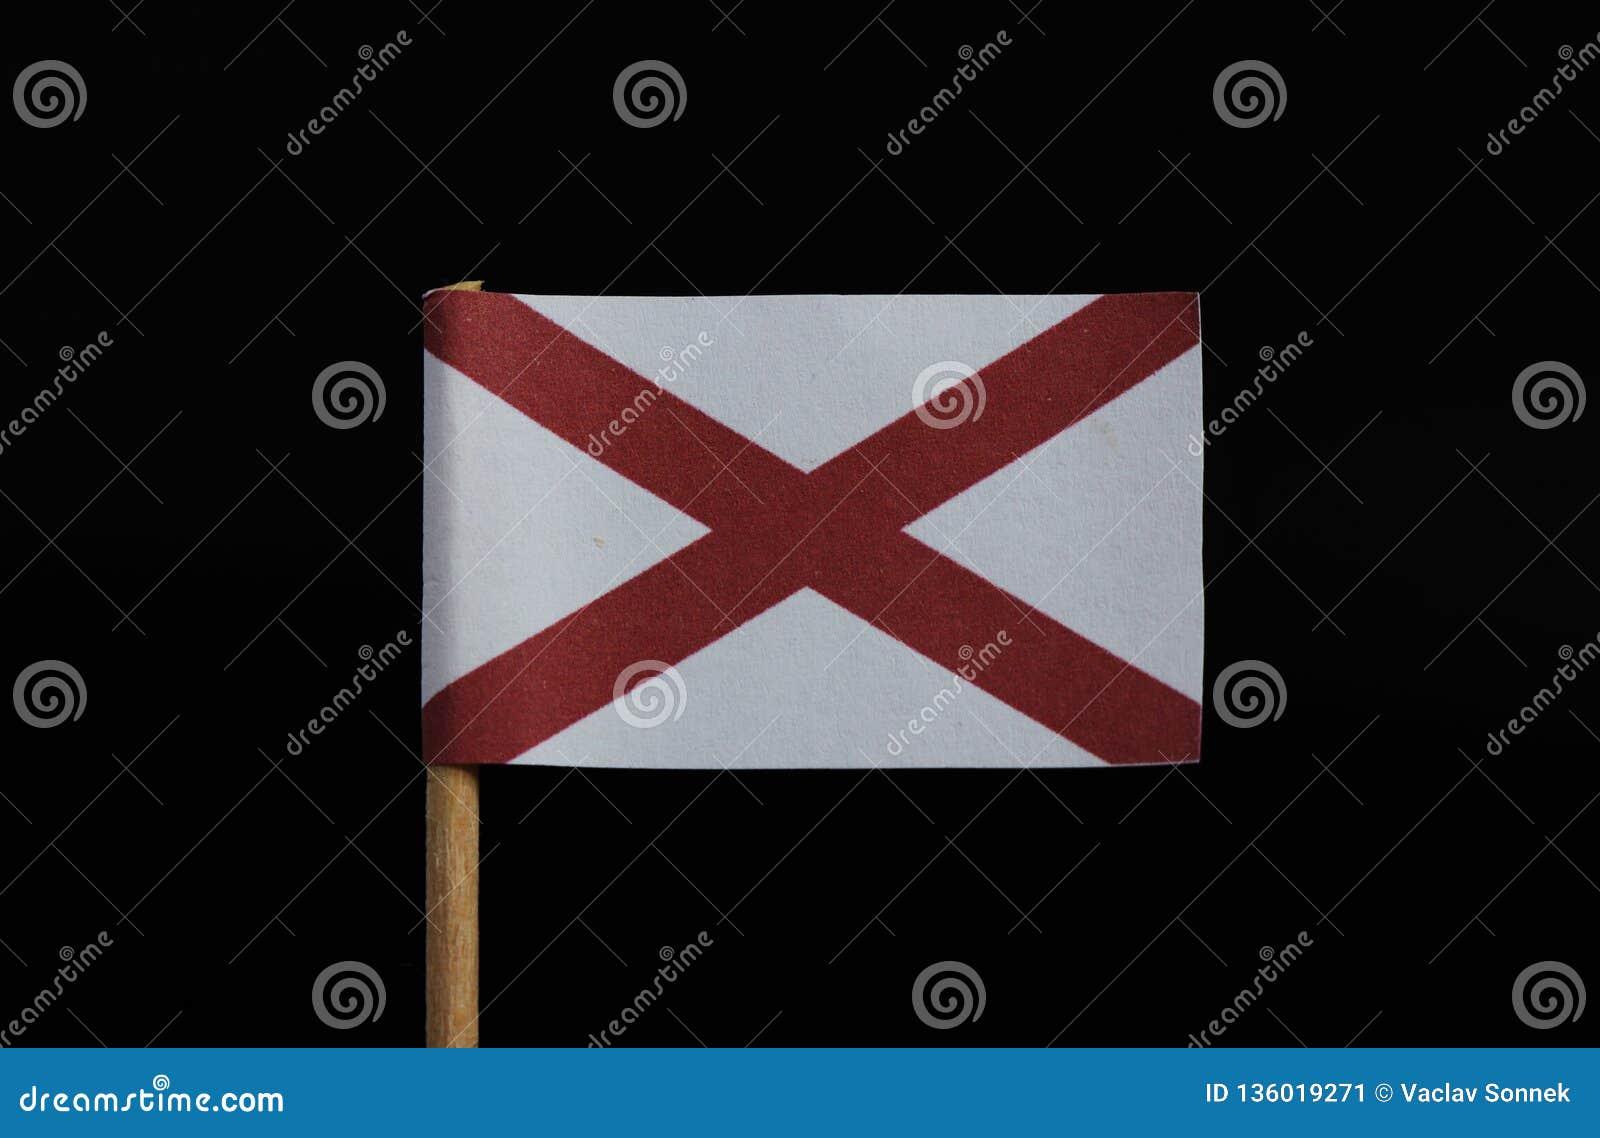 Un Unico E Semplicemente Una Bandiera Dellinghilterra Sugli